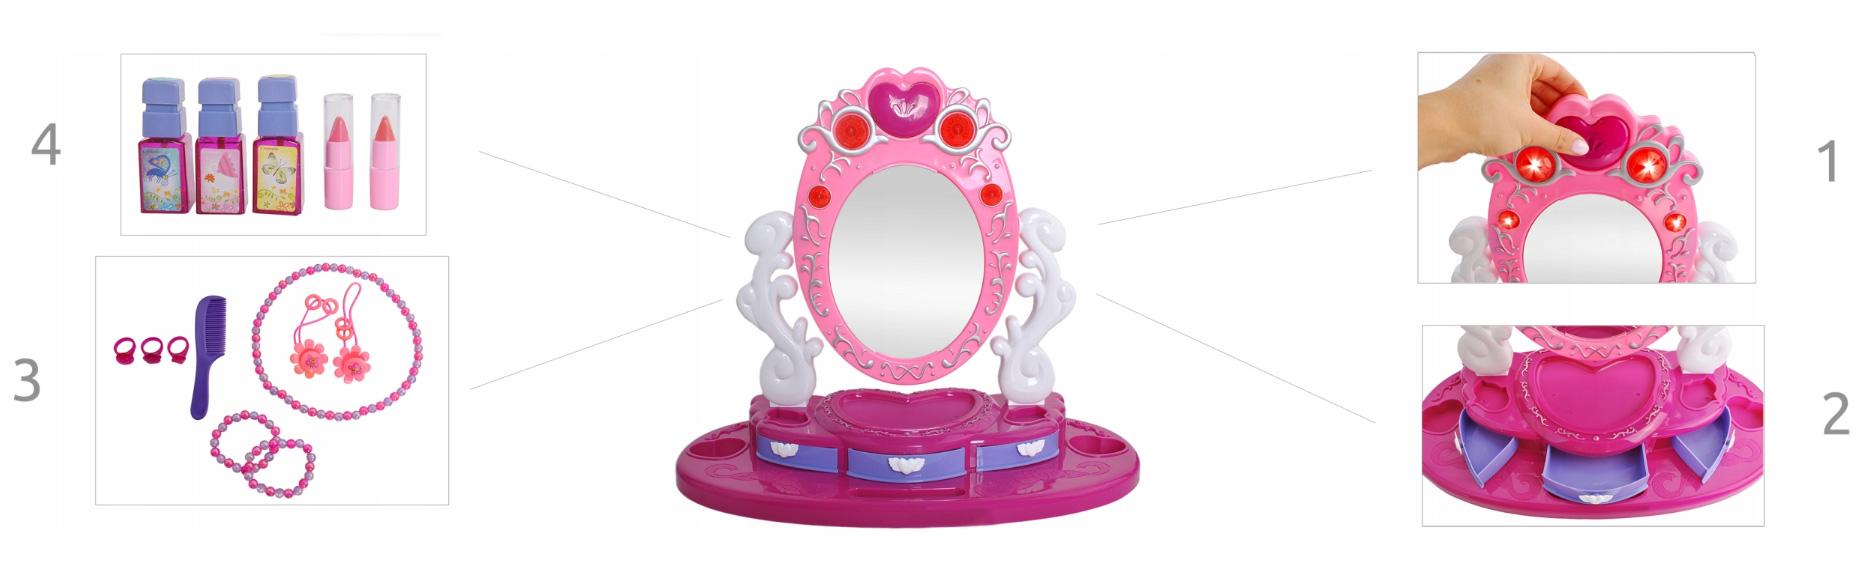 Toaletka dla Dziewczynki Obrotowe Lustro Akcesoria